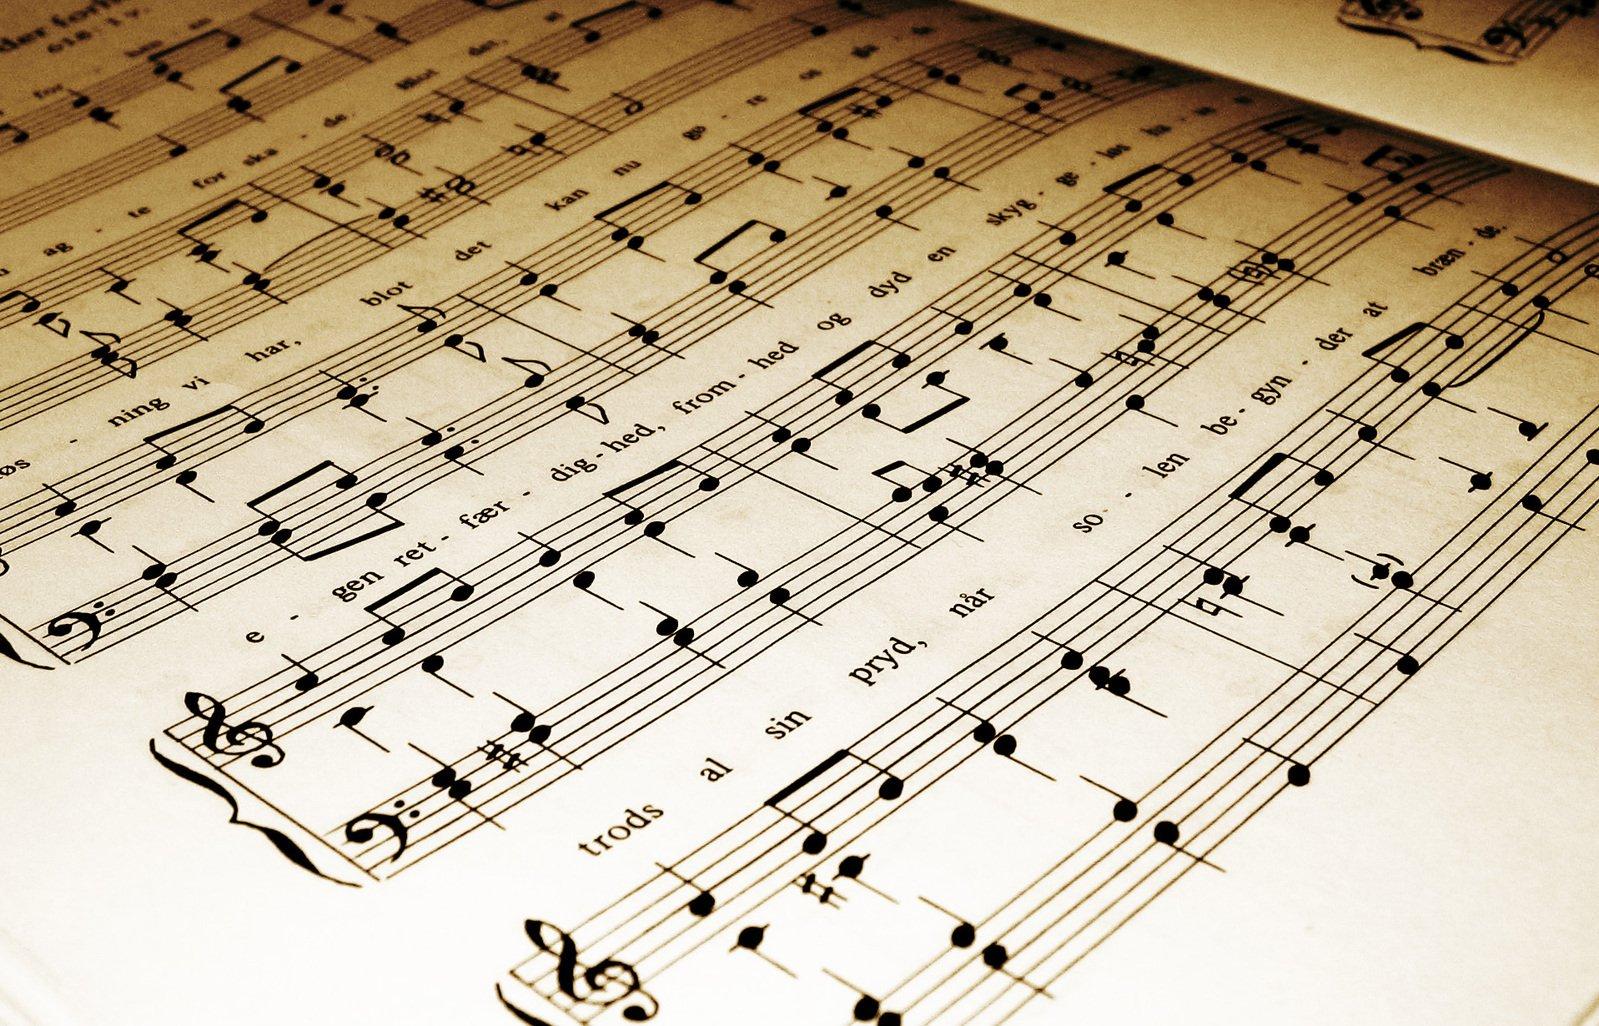 Free Hoja de música Stock Photo - FreeImages.com